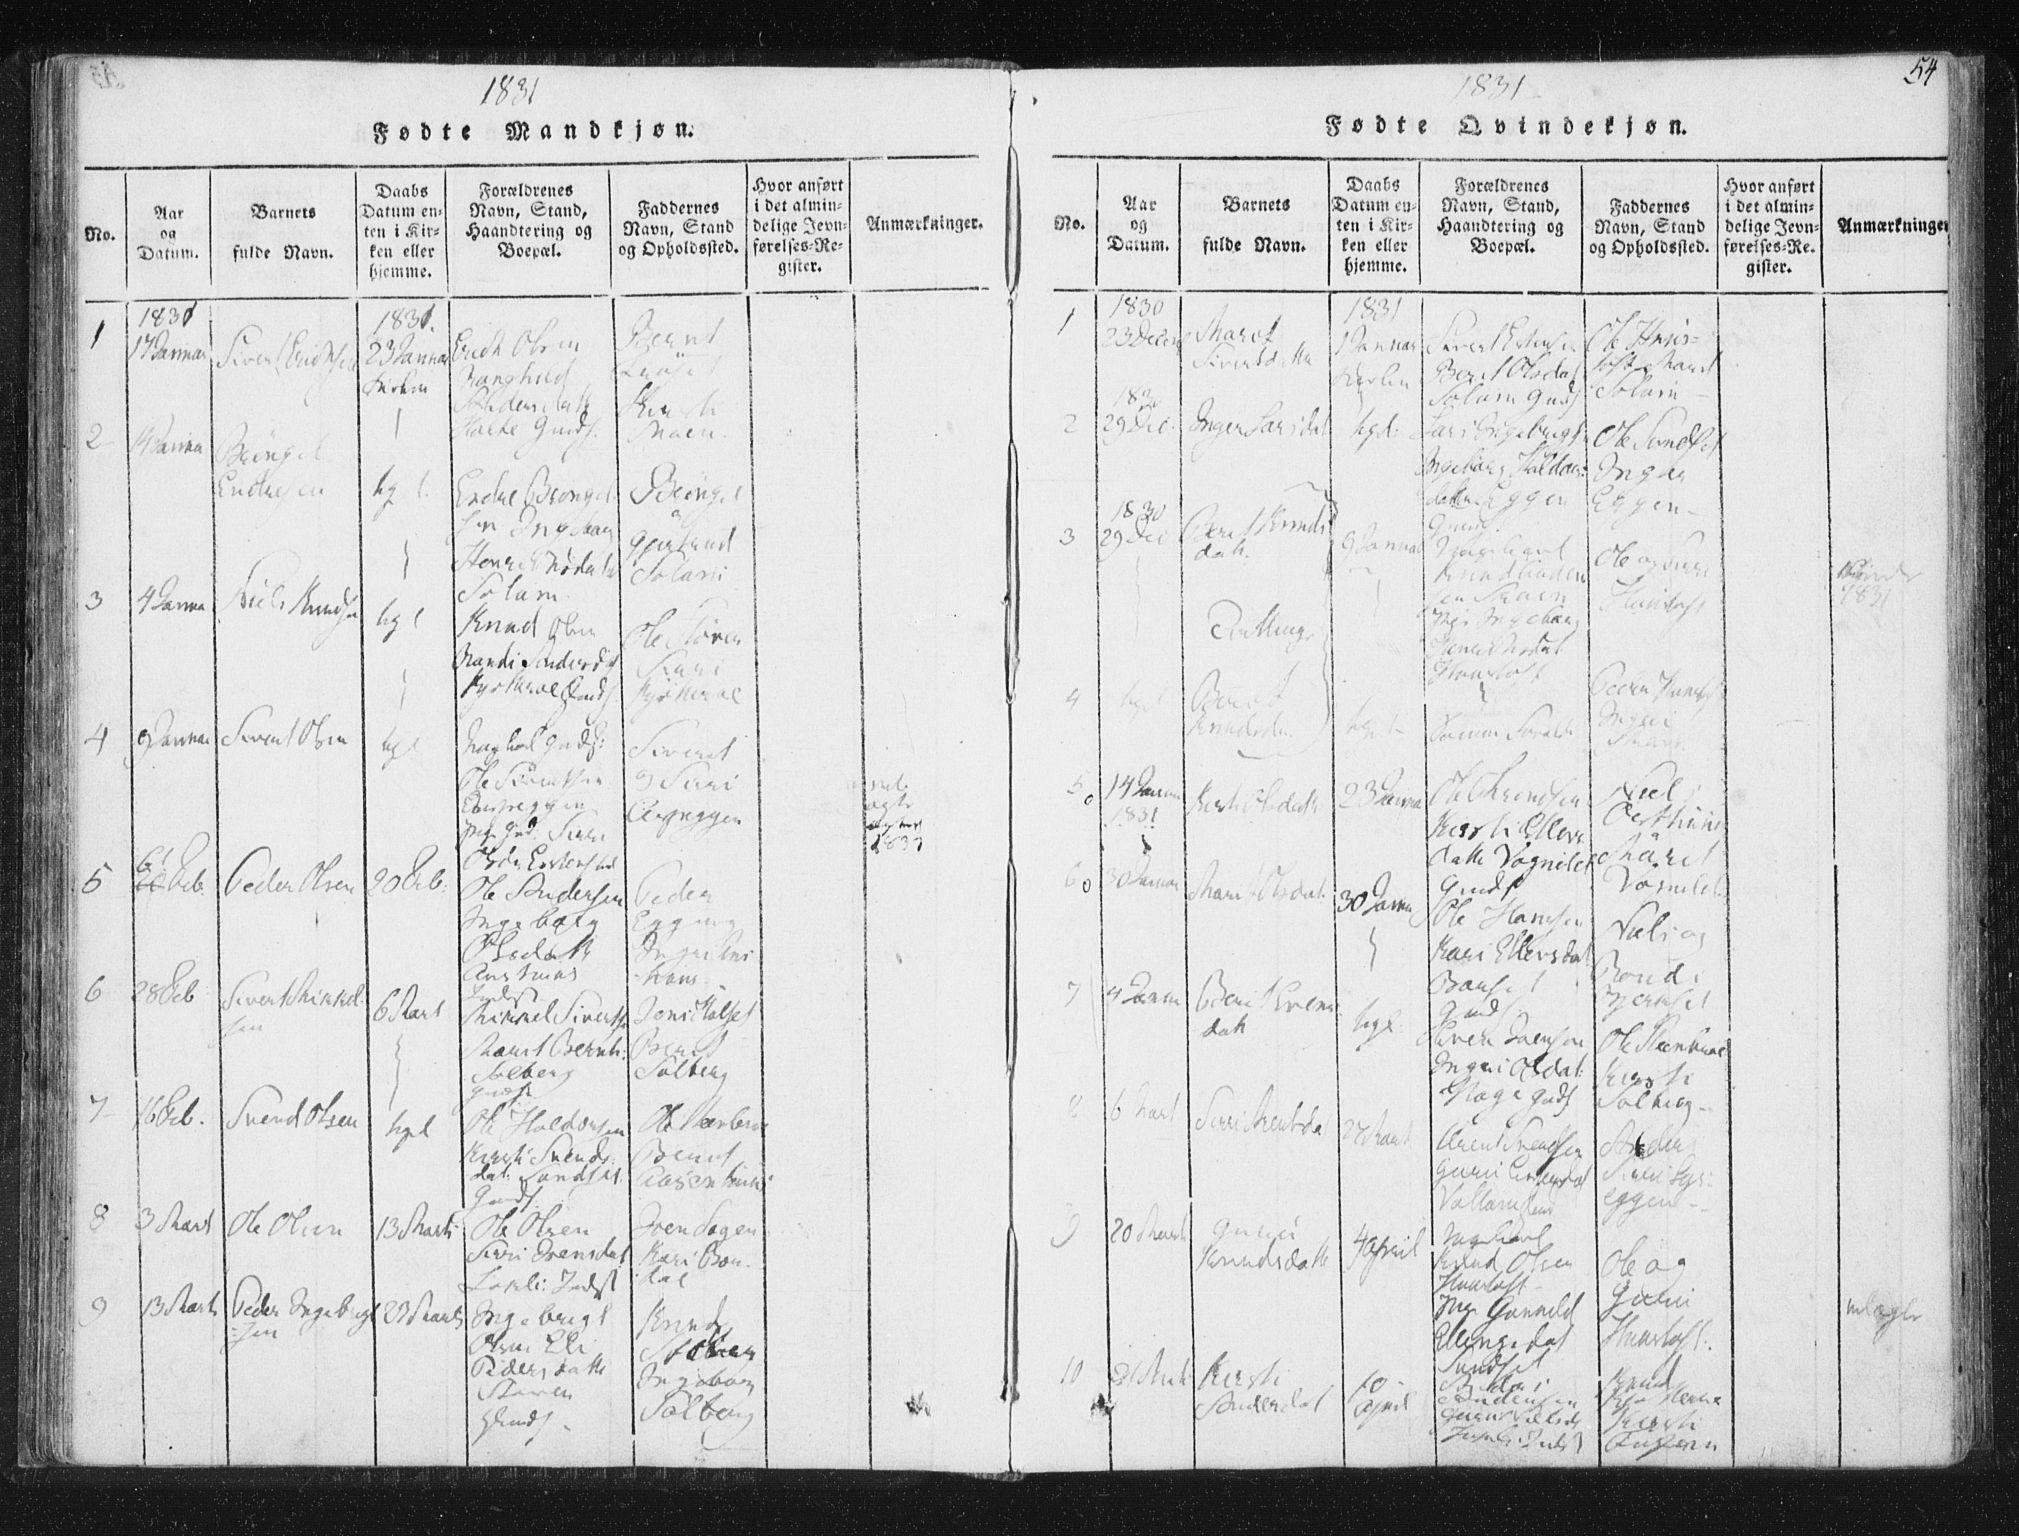 SAT, Ministerialprotokoller, klokkerbøker og fødselsregistre - Sør-Trøndelag, 689/L1037: Ministerialbok nr. 689A02, 1816-1842, s. 54